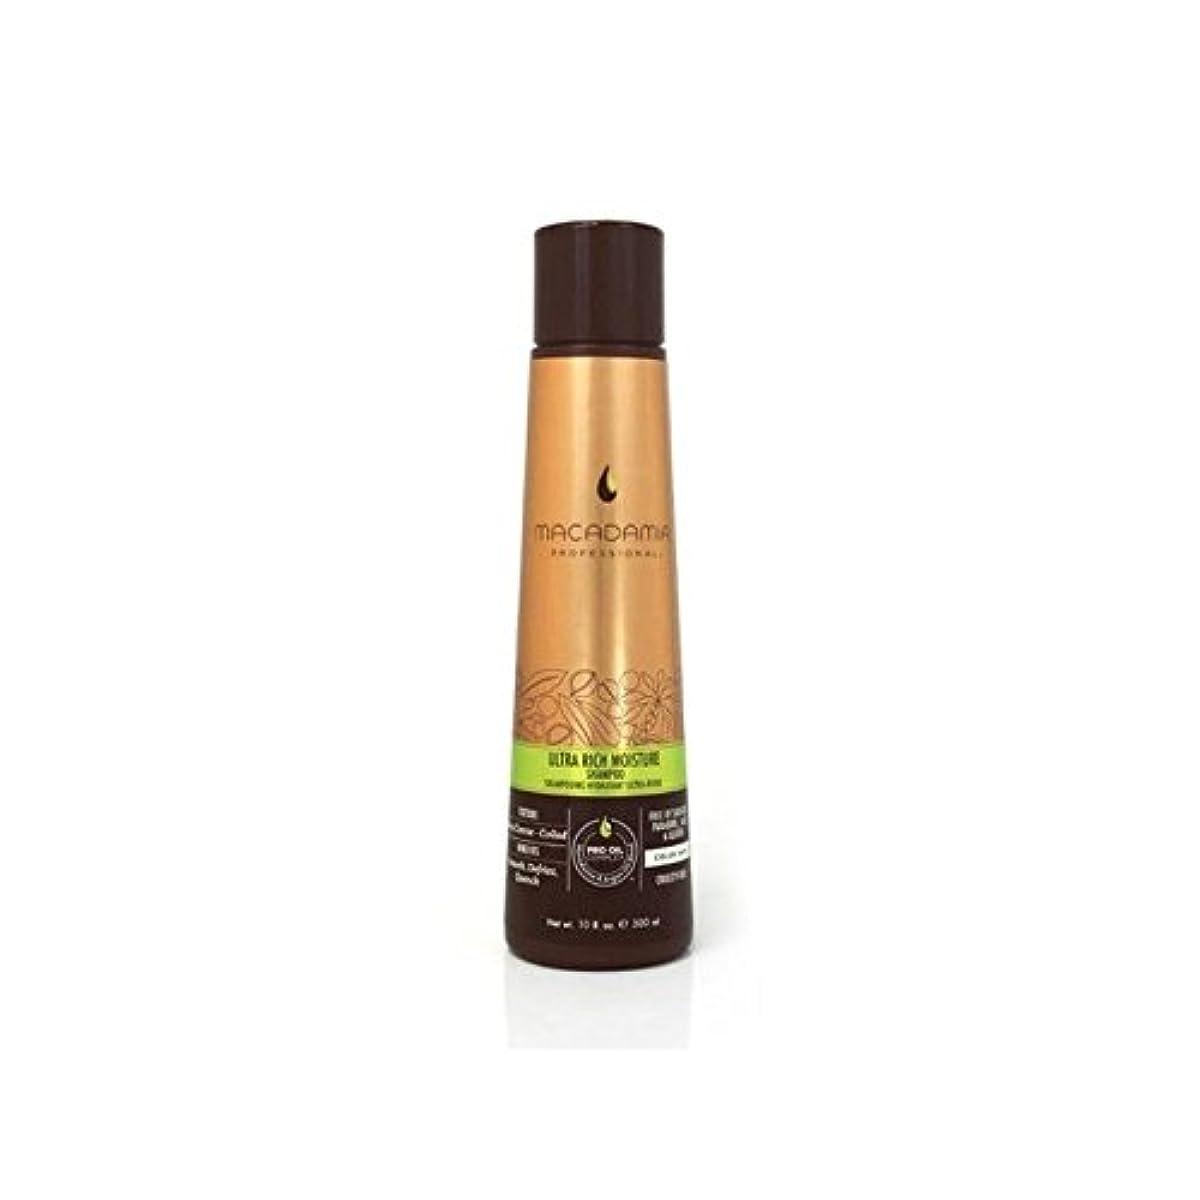 次ブレーキ評価マカダミア超豊富な水分シャンプー(300ミリリットル) x4 - Macadamia Ultra Rich Moisture Shampoo (300ml) (Pack of 4) [並行輸入品]